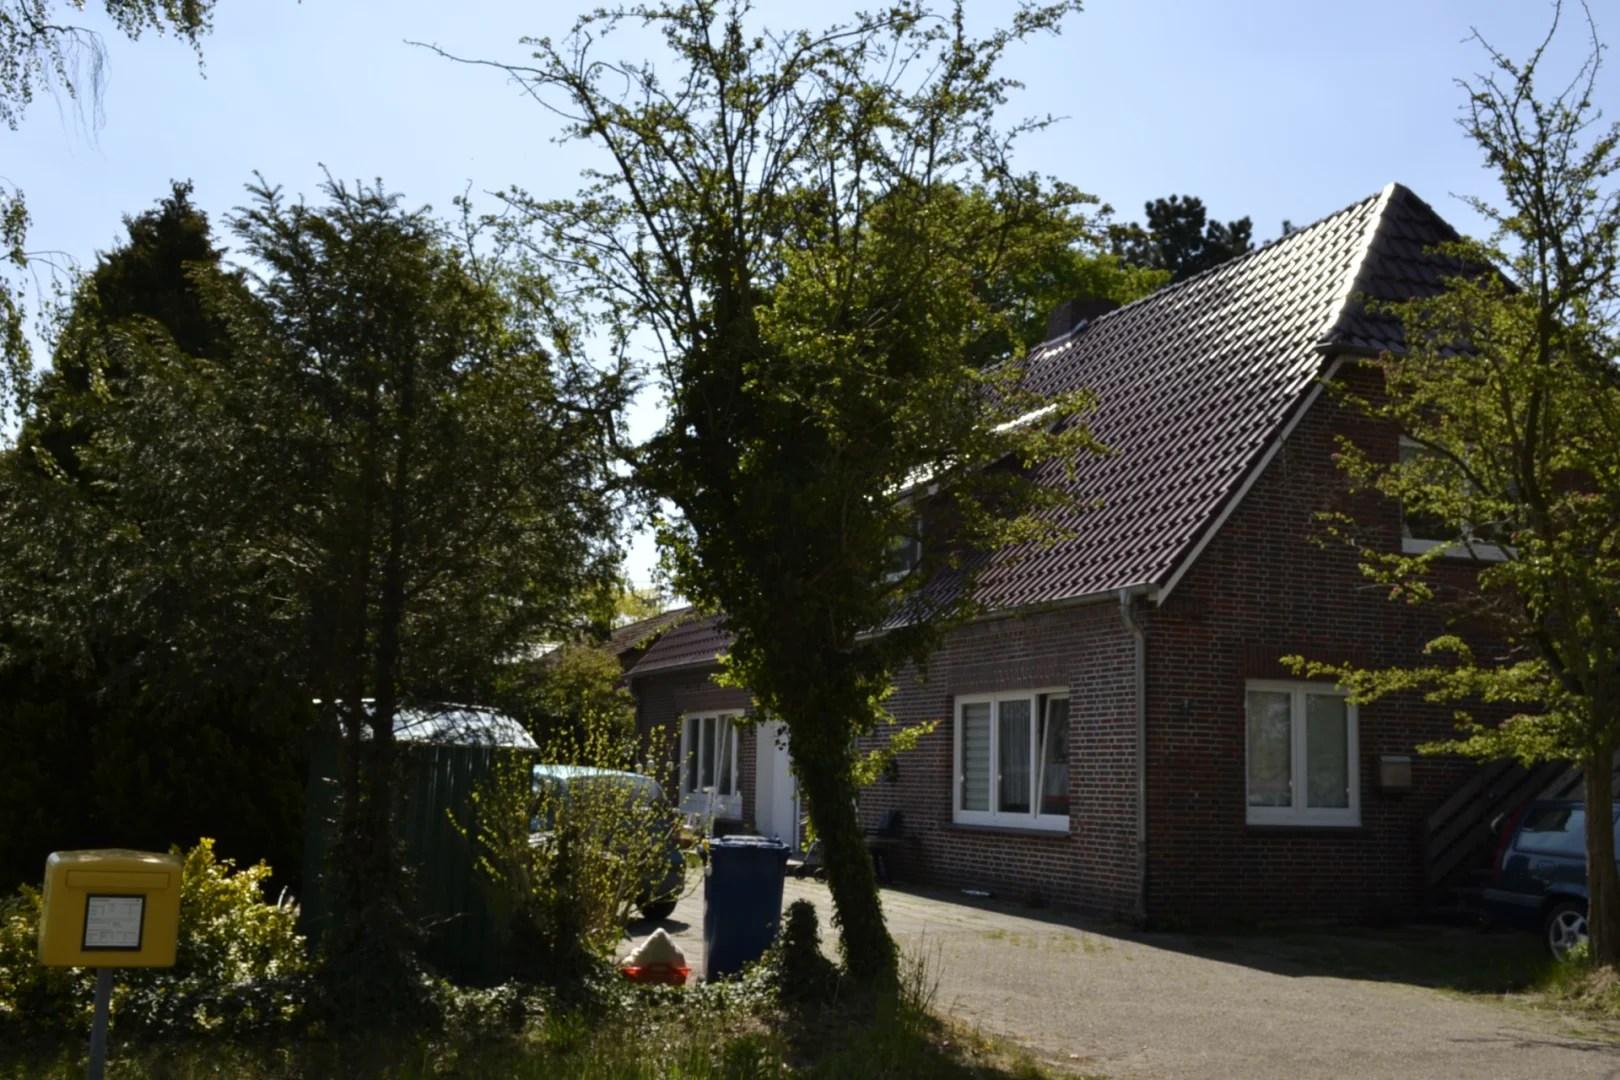 RESERVIERT! Kapitalanlage in Edewecht OT.  Teilsaniertes Vierparteienhaus auf schönem Grundstück I Exposé Nr.: 129/20